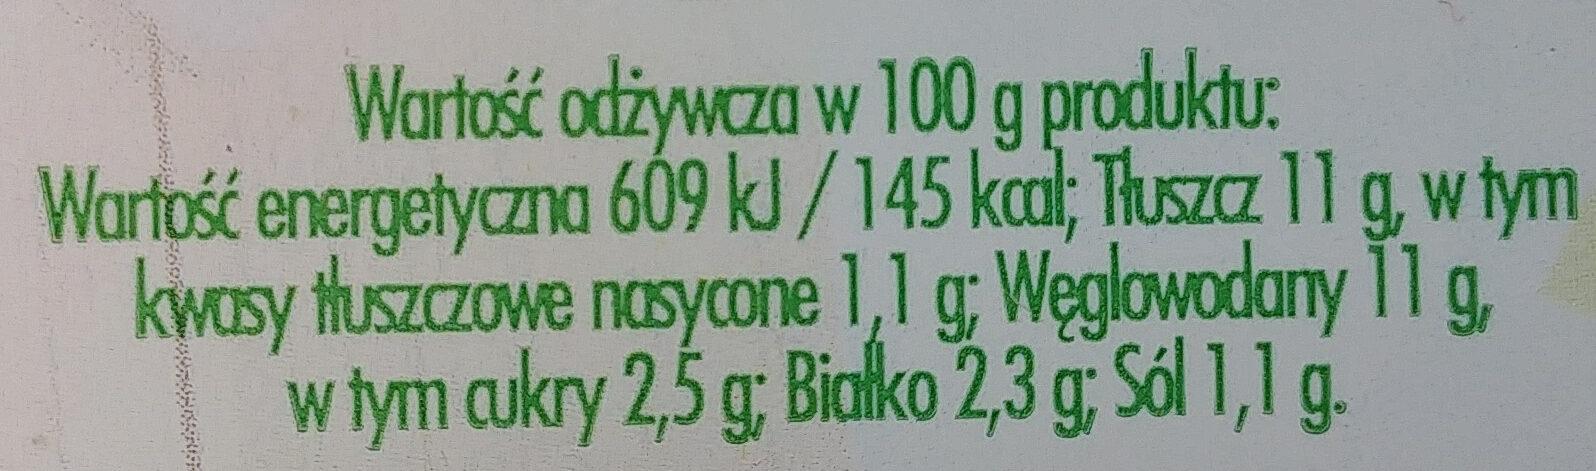 Sałatka na bazie warzyw gotowanych z jajkiem i szczypiorkiem - Wartości odżywcze - pl